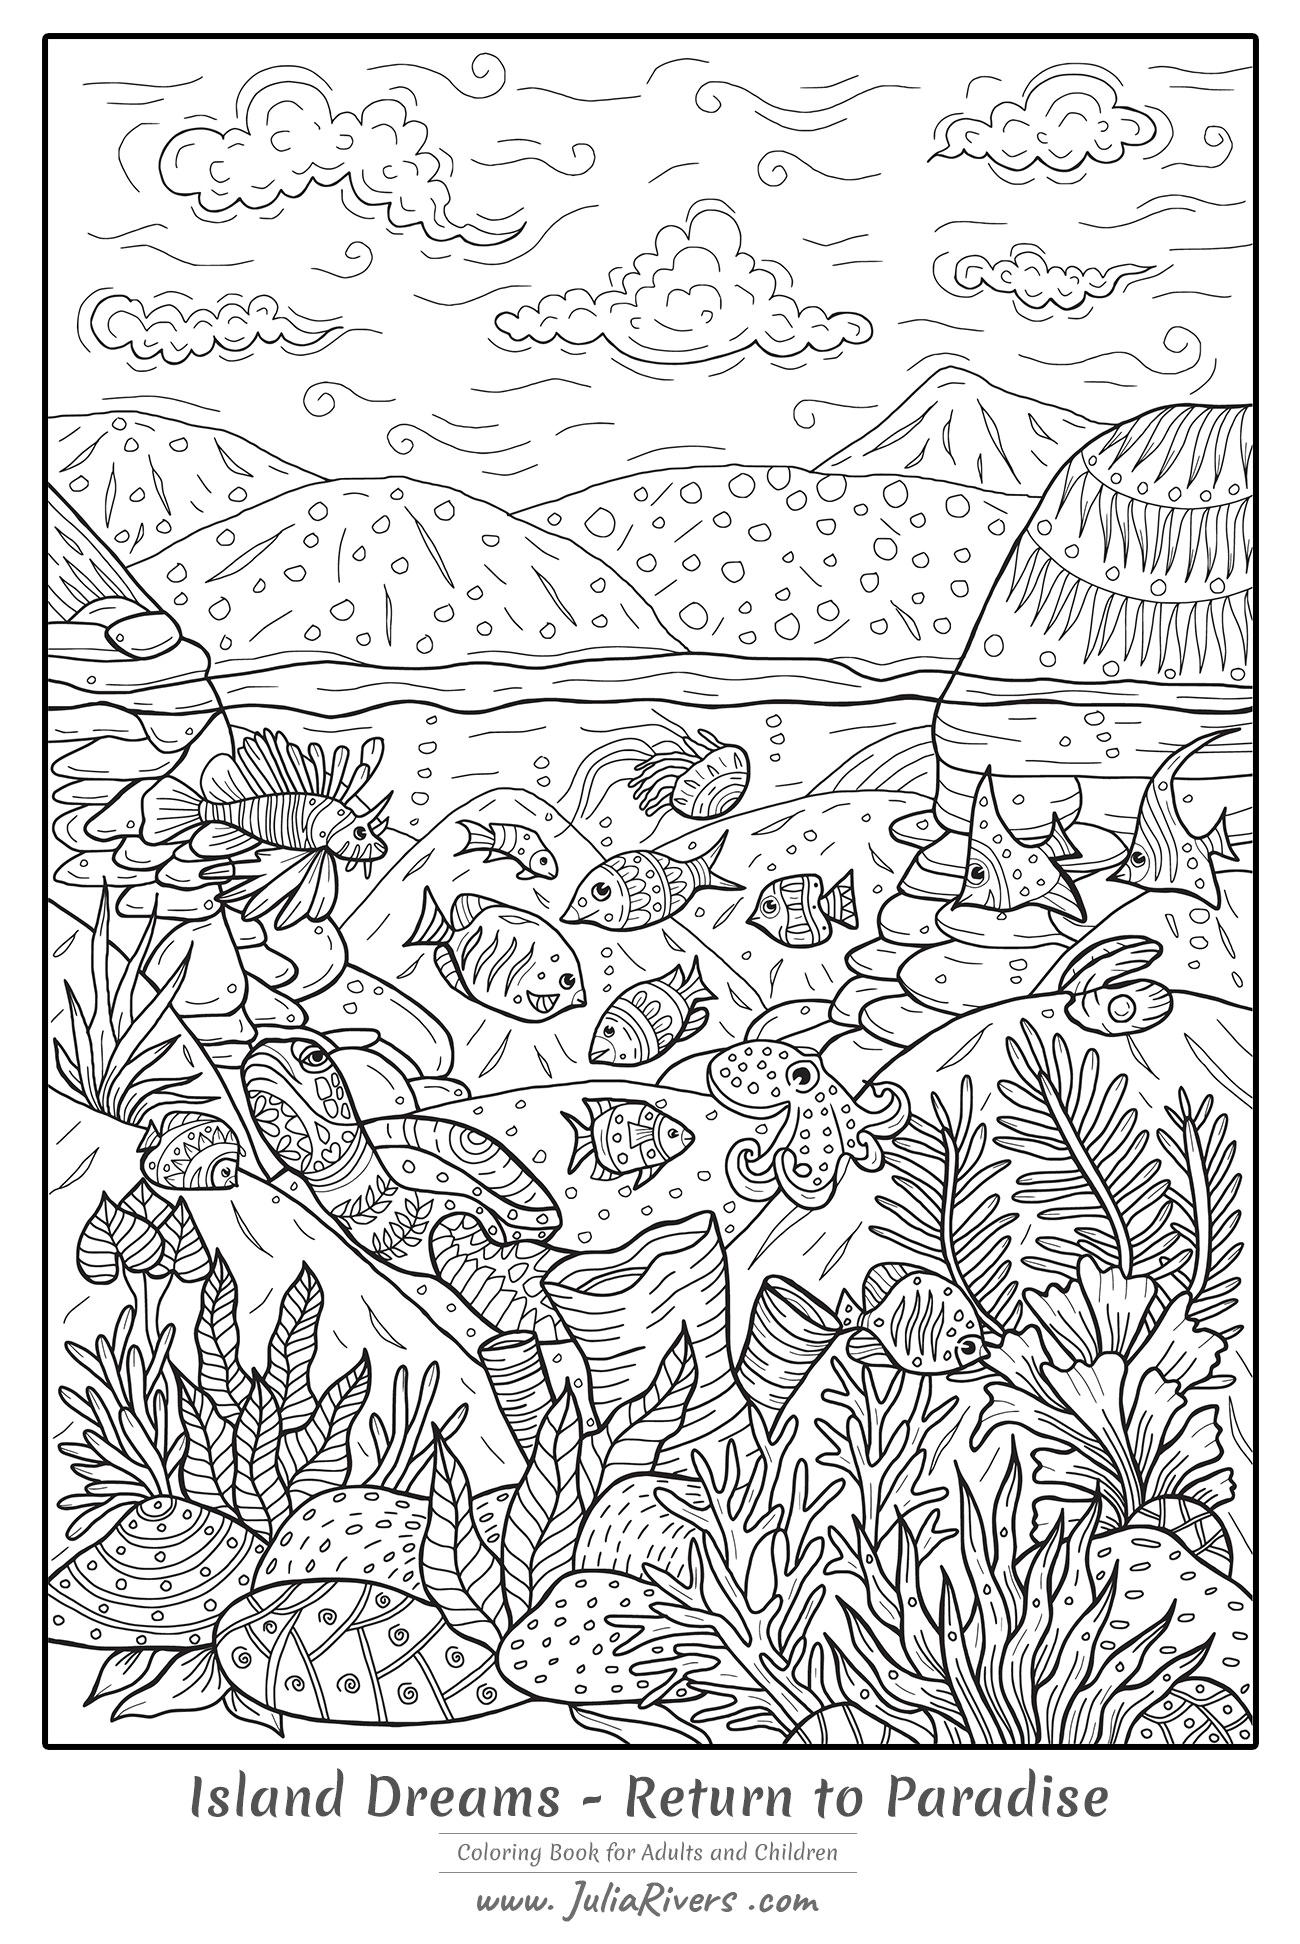 Colorear para adultos : Mundos acuáticos - 2